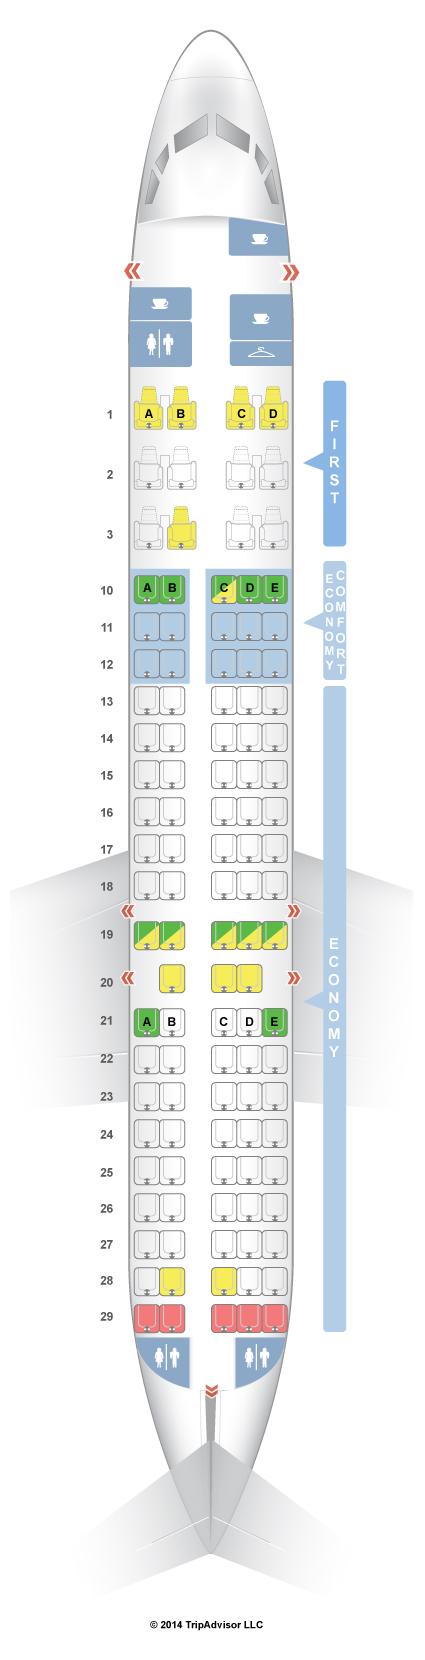 SeatGuru Seat Map Delta Boeing 717-200 (717) - SeatGuru Travel